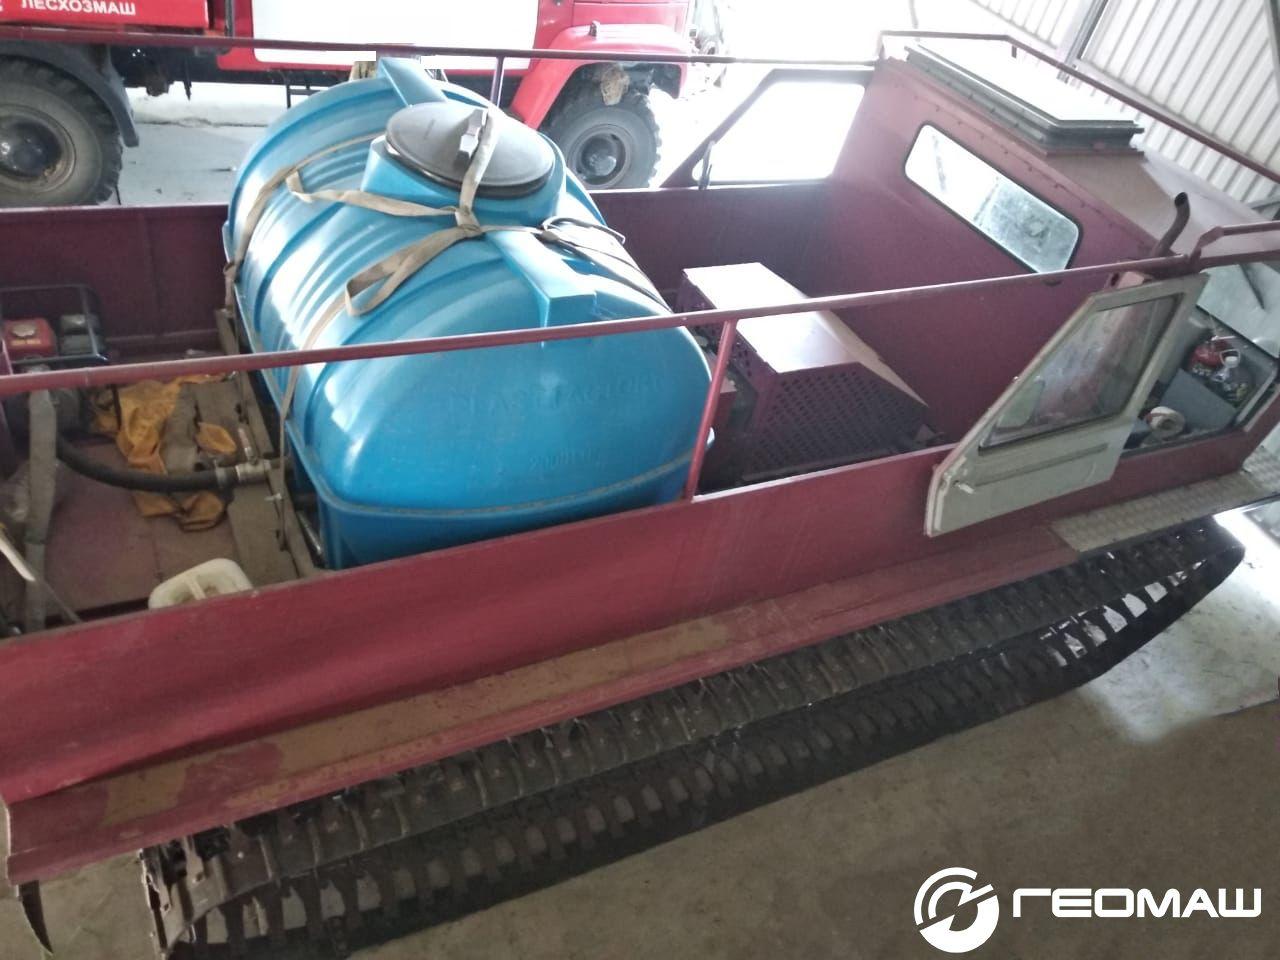 Транспортер гтм салонный фильтр на фольксваген транспортер т5 где находится